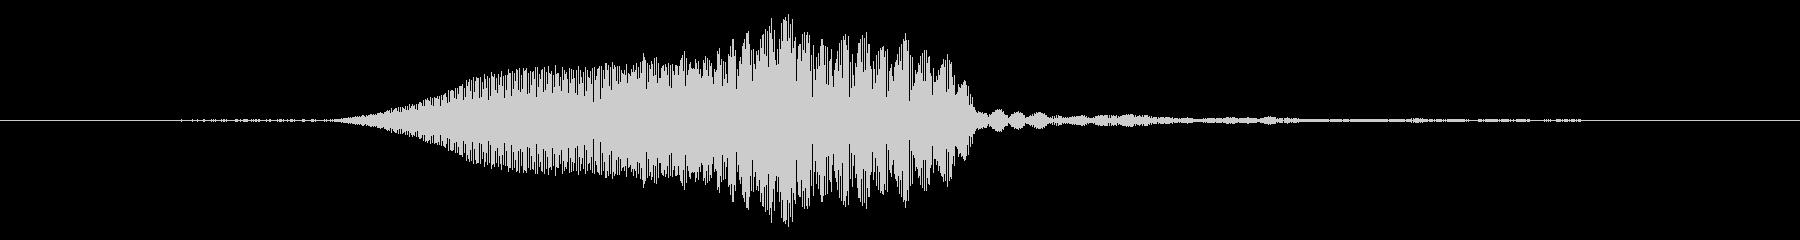 アウトバックランチャー、Didge...の未再生の波形